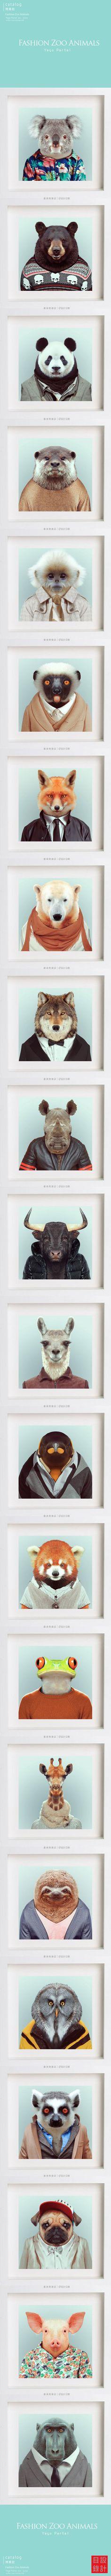 衣冠禽獸。 ☂ Zoo Portraits巴塞羅那攝影師Yago Partal創作的一組趣味攝影集 ☂ www.zooportraits.com